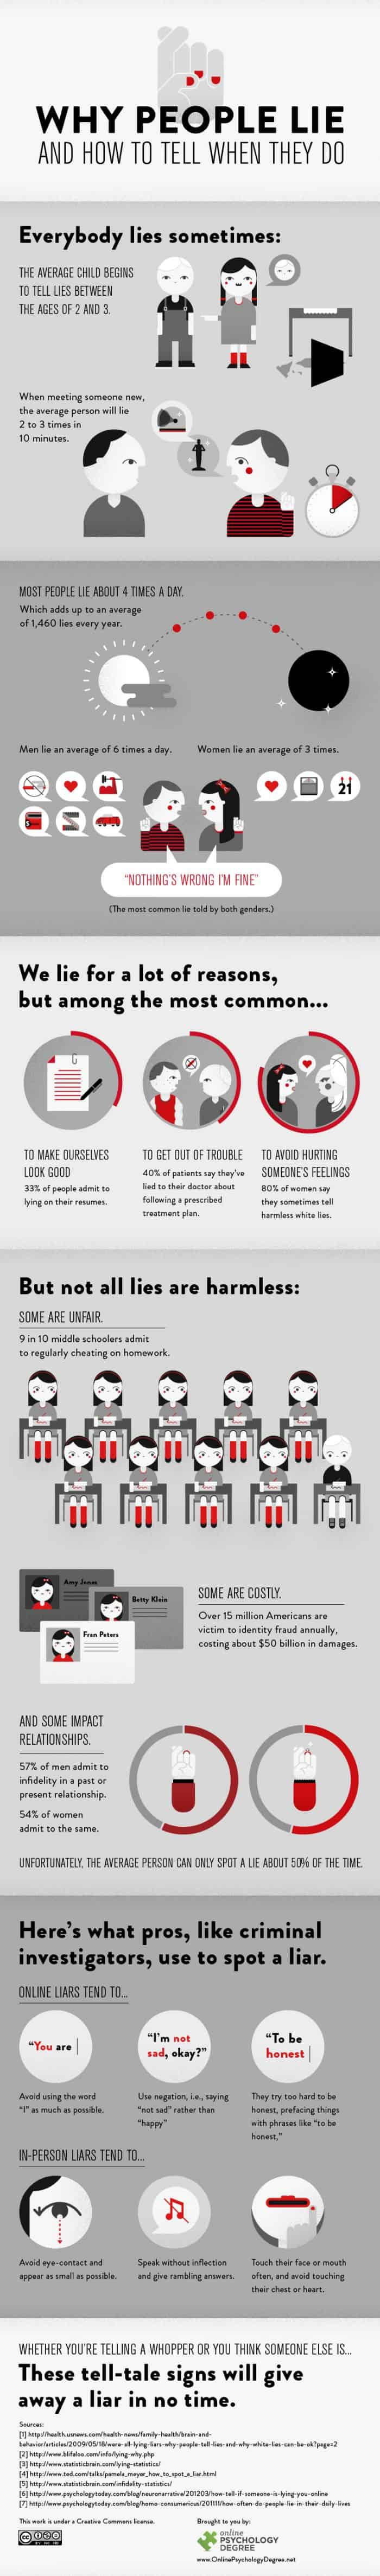 Reasons-People-Lie